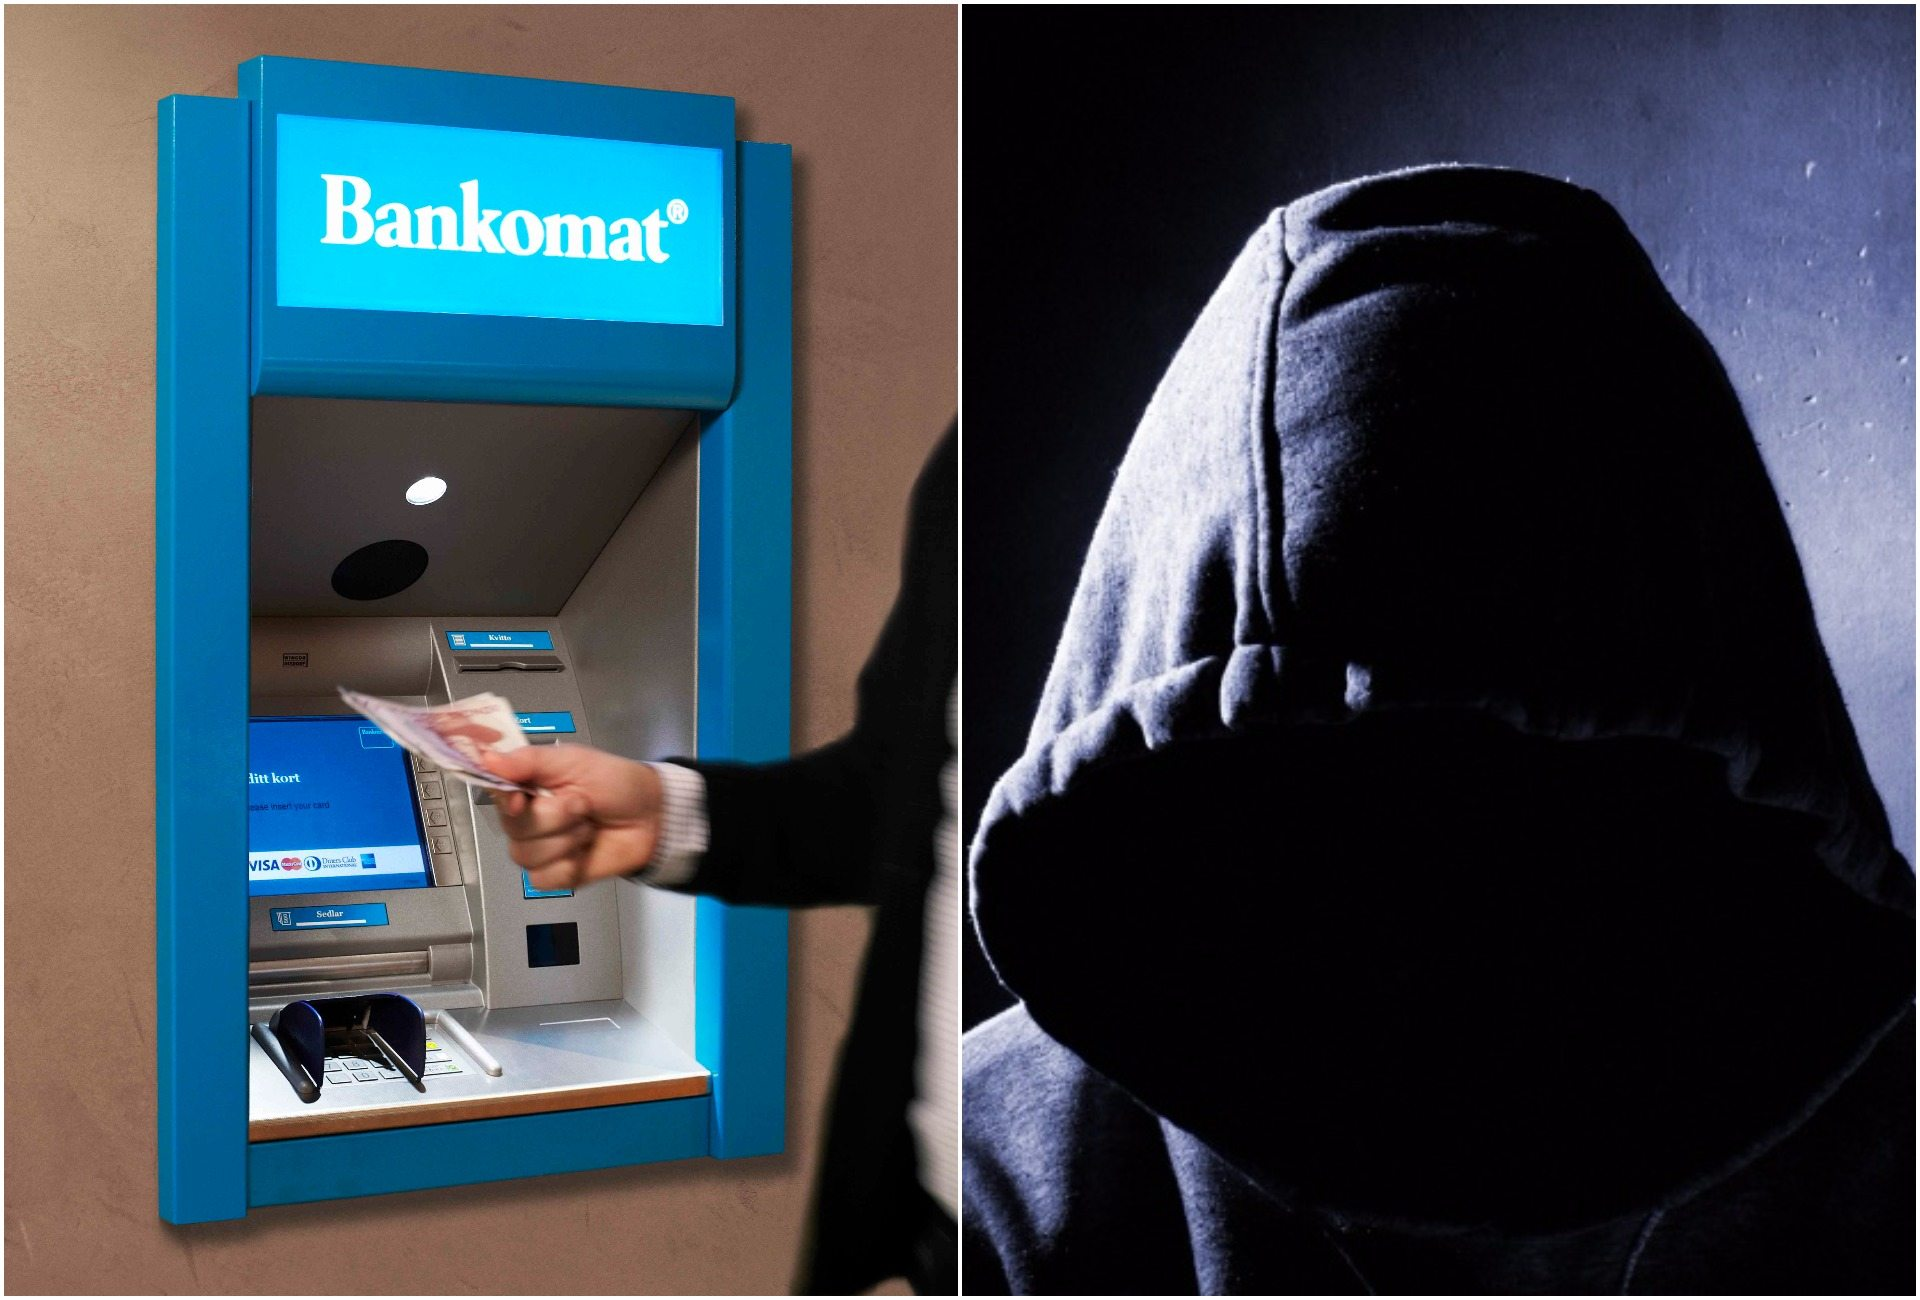 Uważaj na bankomaty! Złodzieje mają prosty sposób na kradzież Twoich pieniędzy (FOTO)